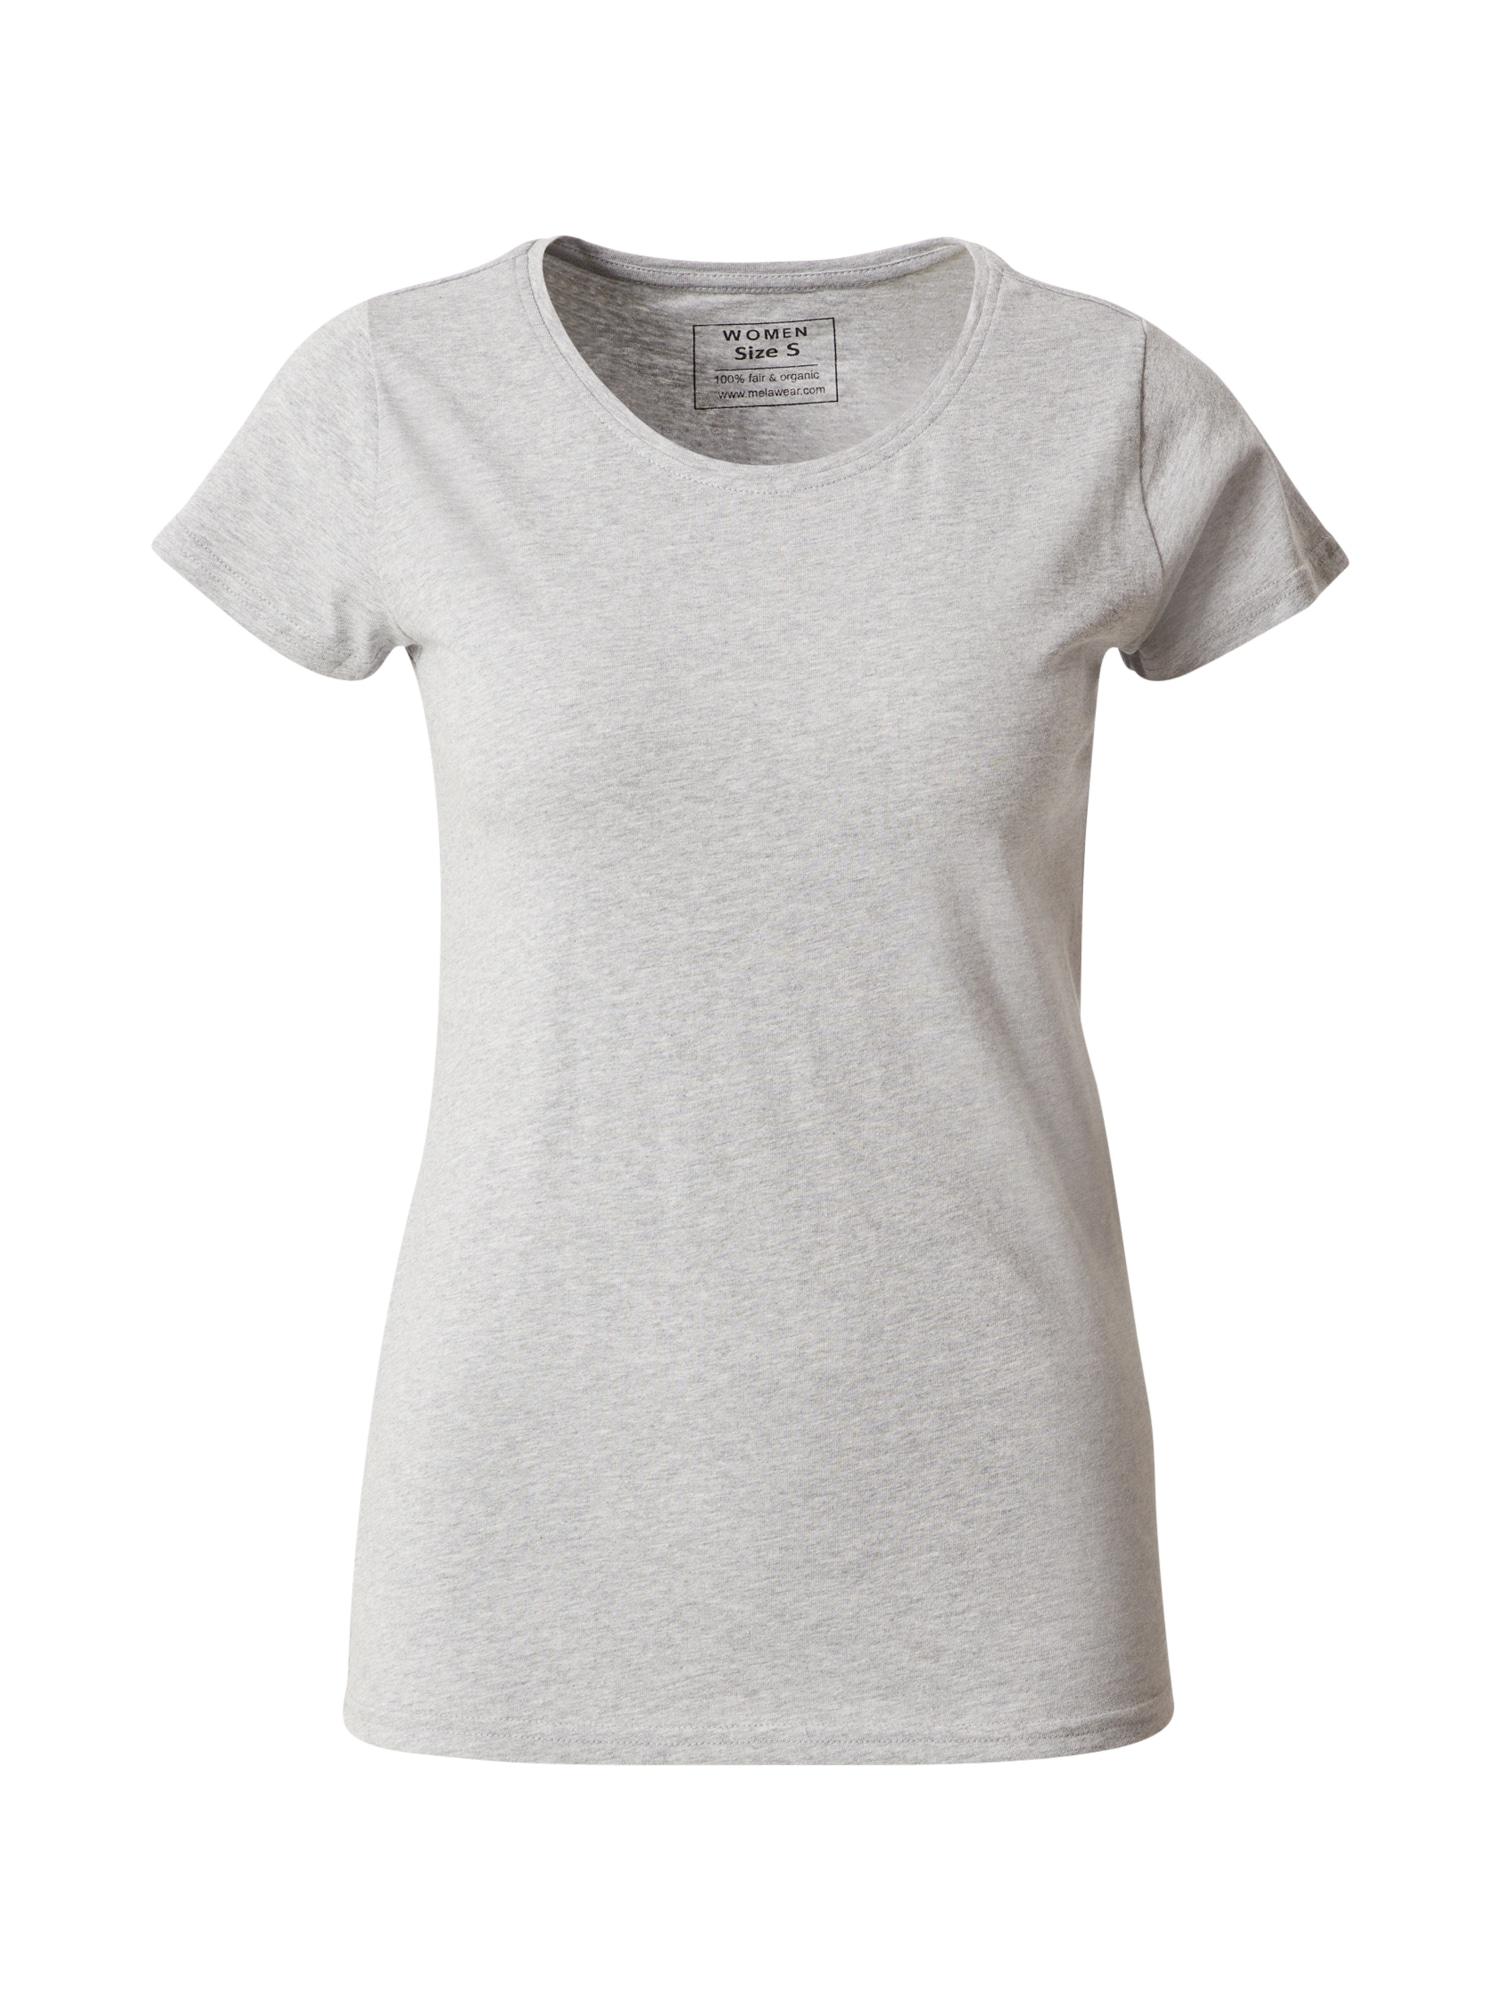 MELAWEAR Marškinėliai margai pilka